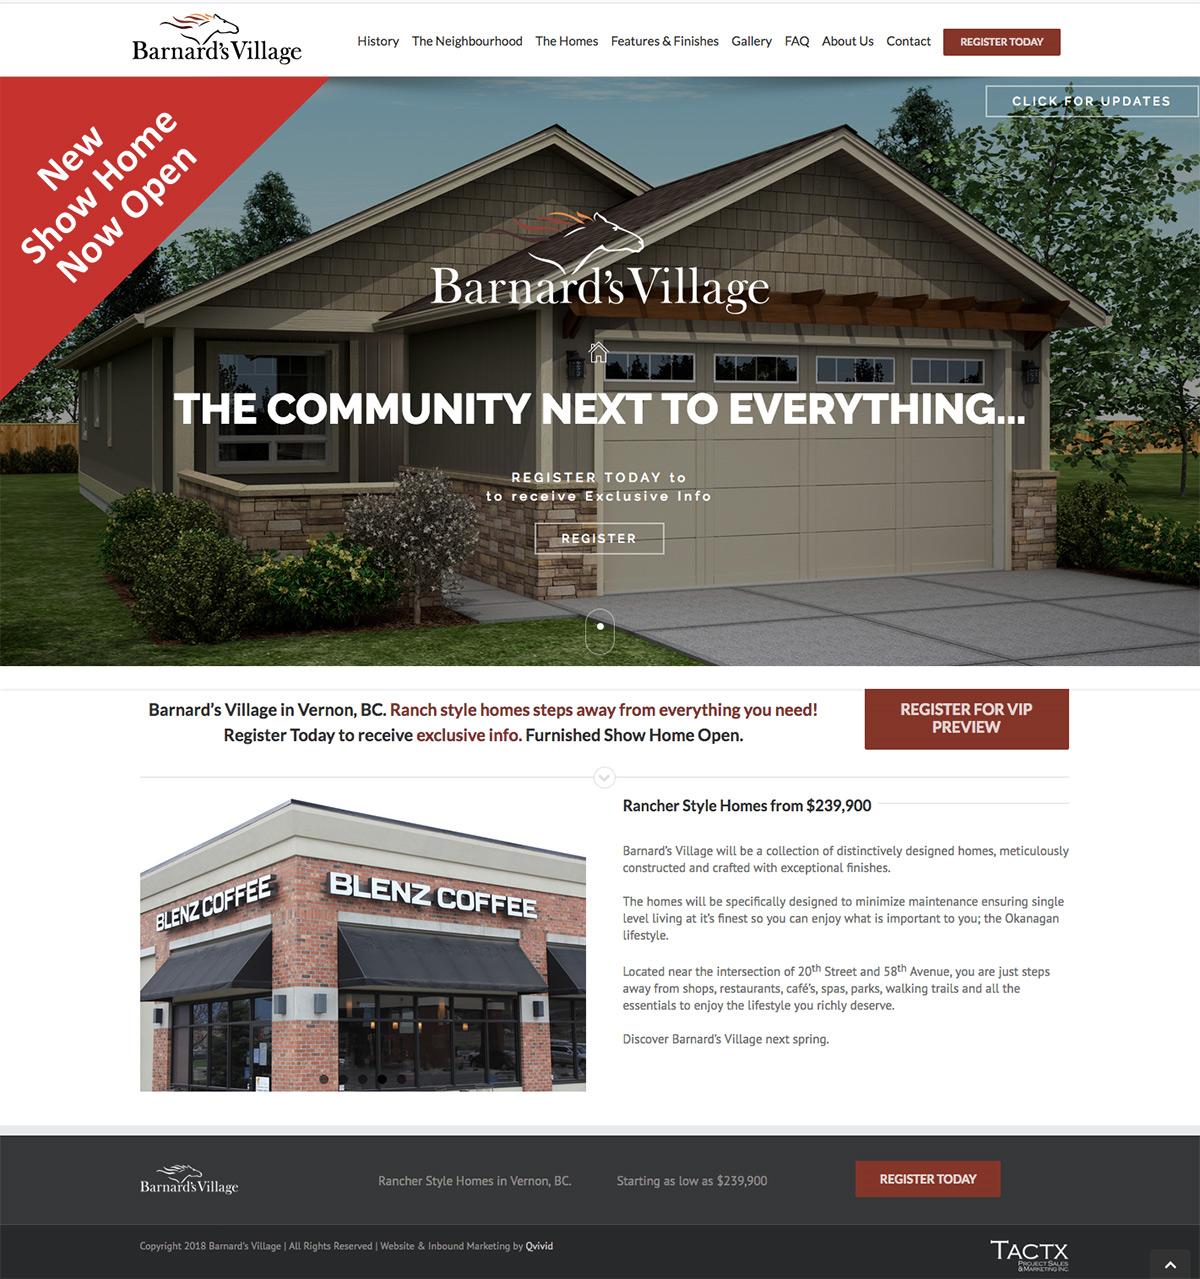 Barnard's Village